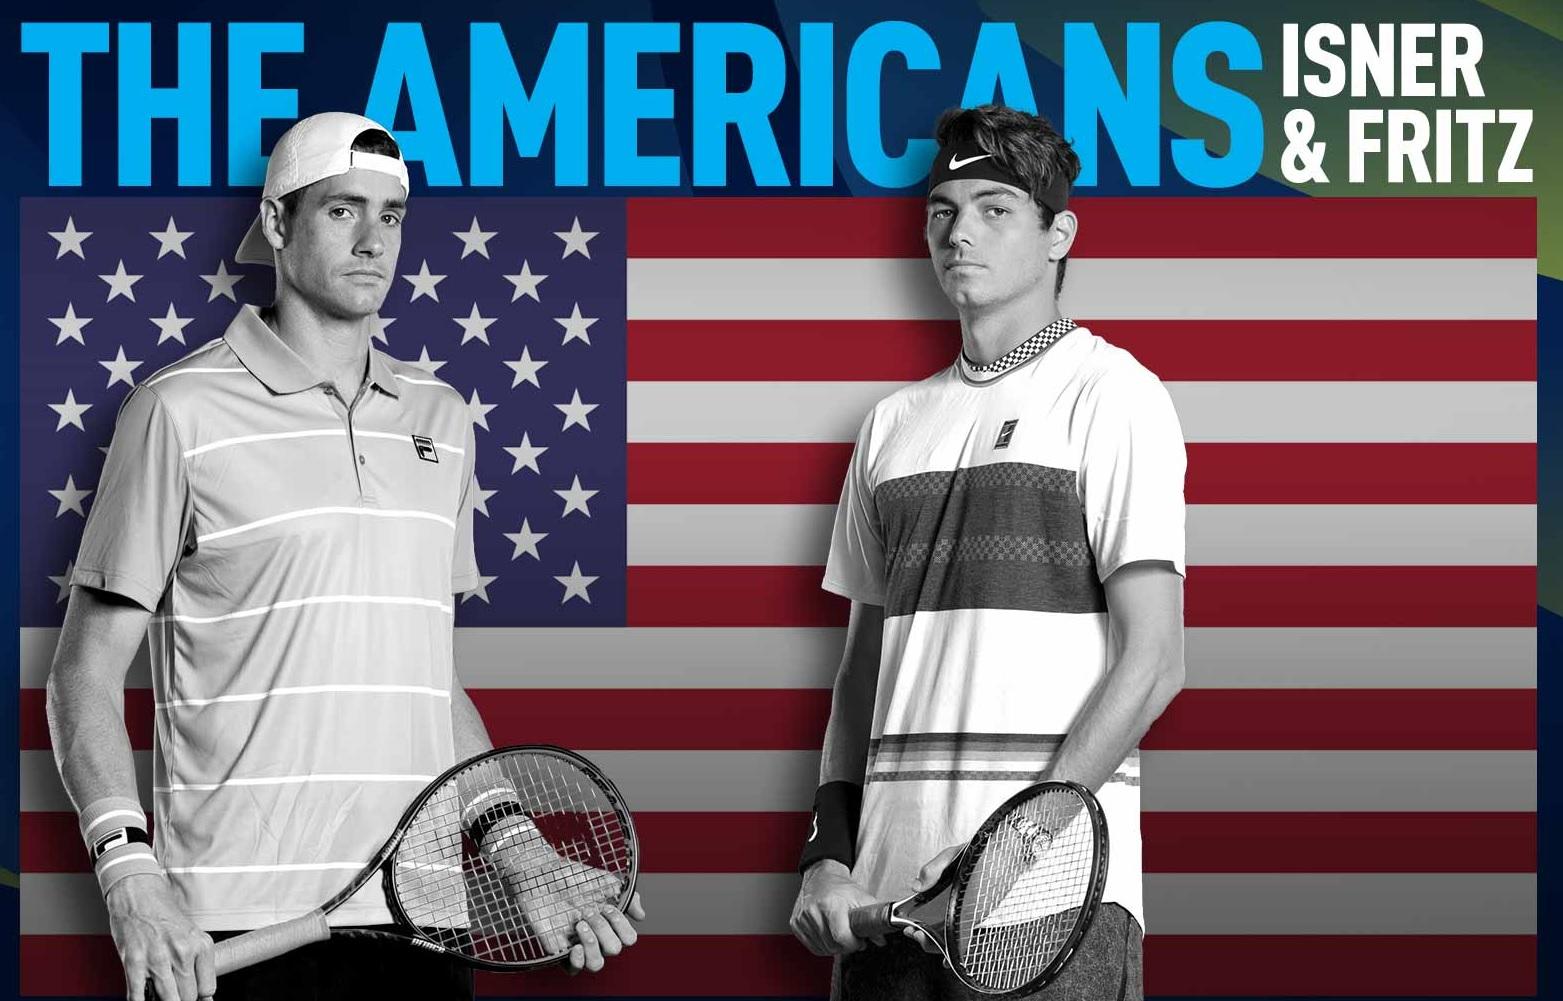 Isner và Fritz là hay tay vợt nam tốt nhất của Mỹ lúc này, nhưng đã hai năm chưa có chức vô địch nào. Ảnh: ATP.